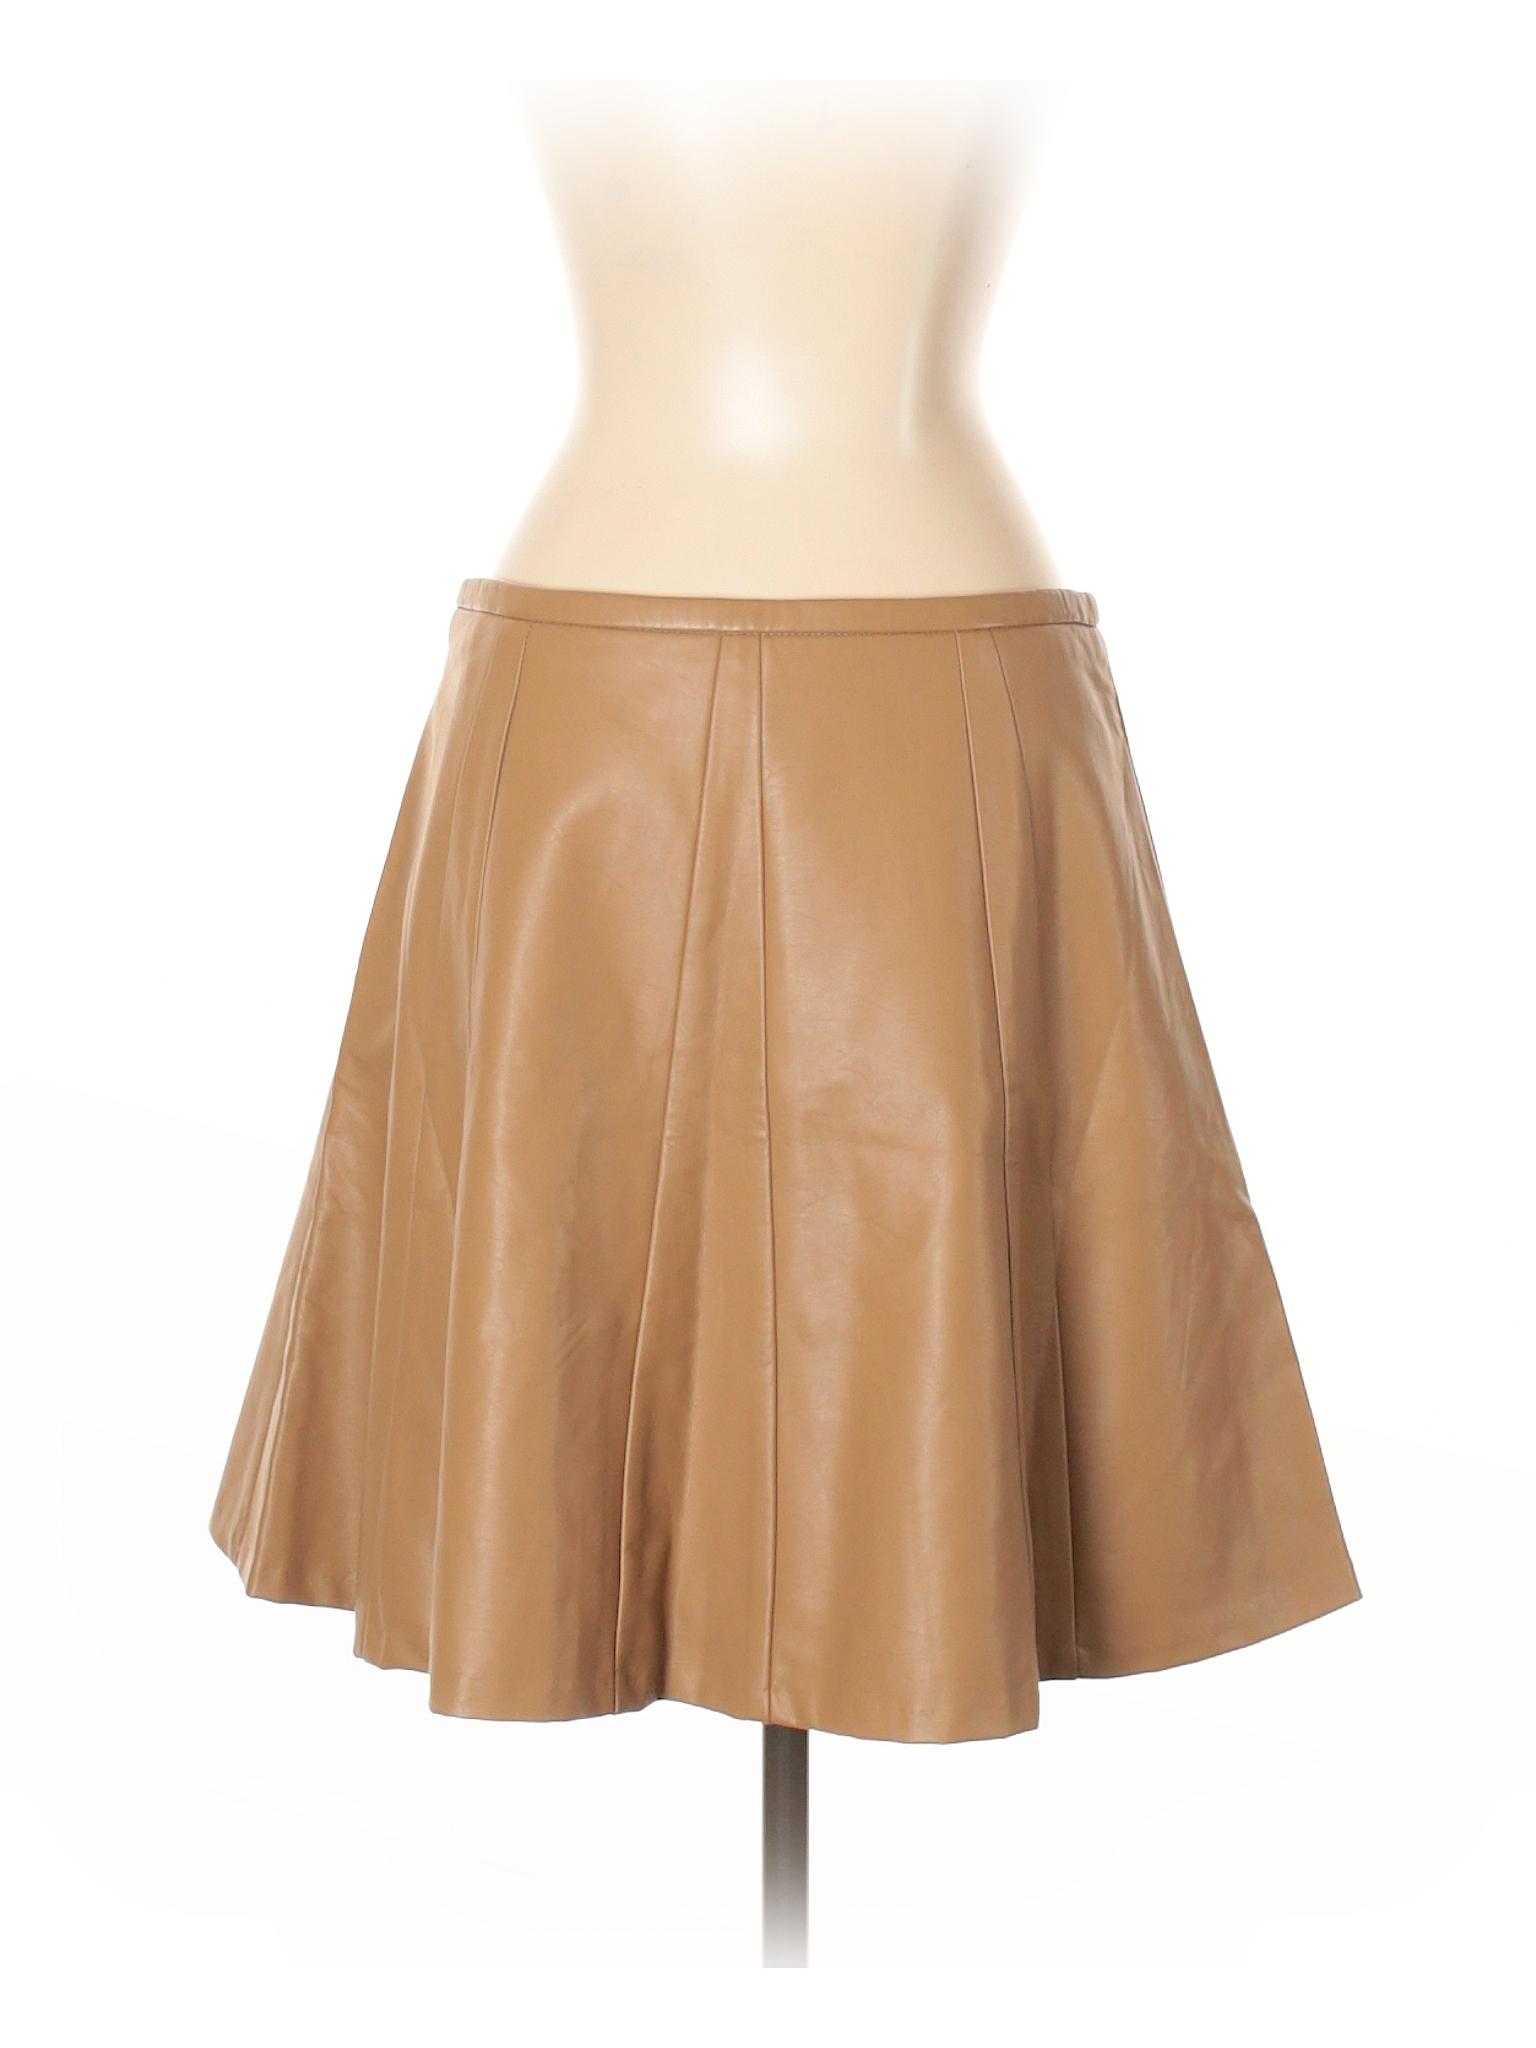 Boutique Skirt Skirt Faux Skirt Boutique Boutique Boutique Faux Leather Faux Leather Faux Leather Of4E6